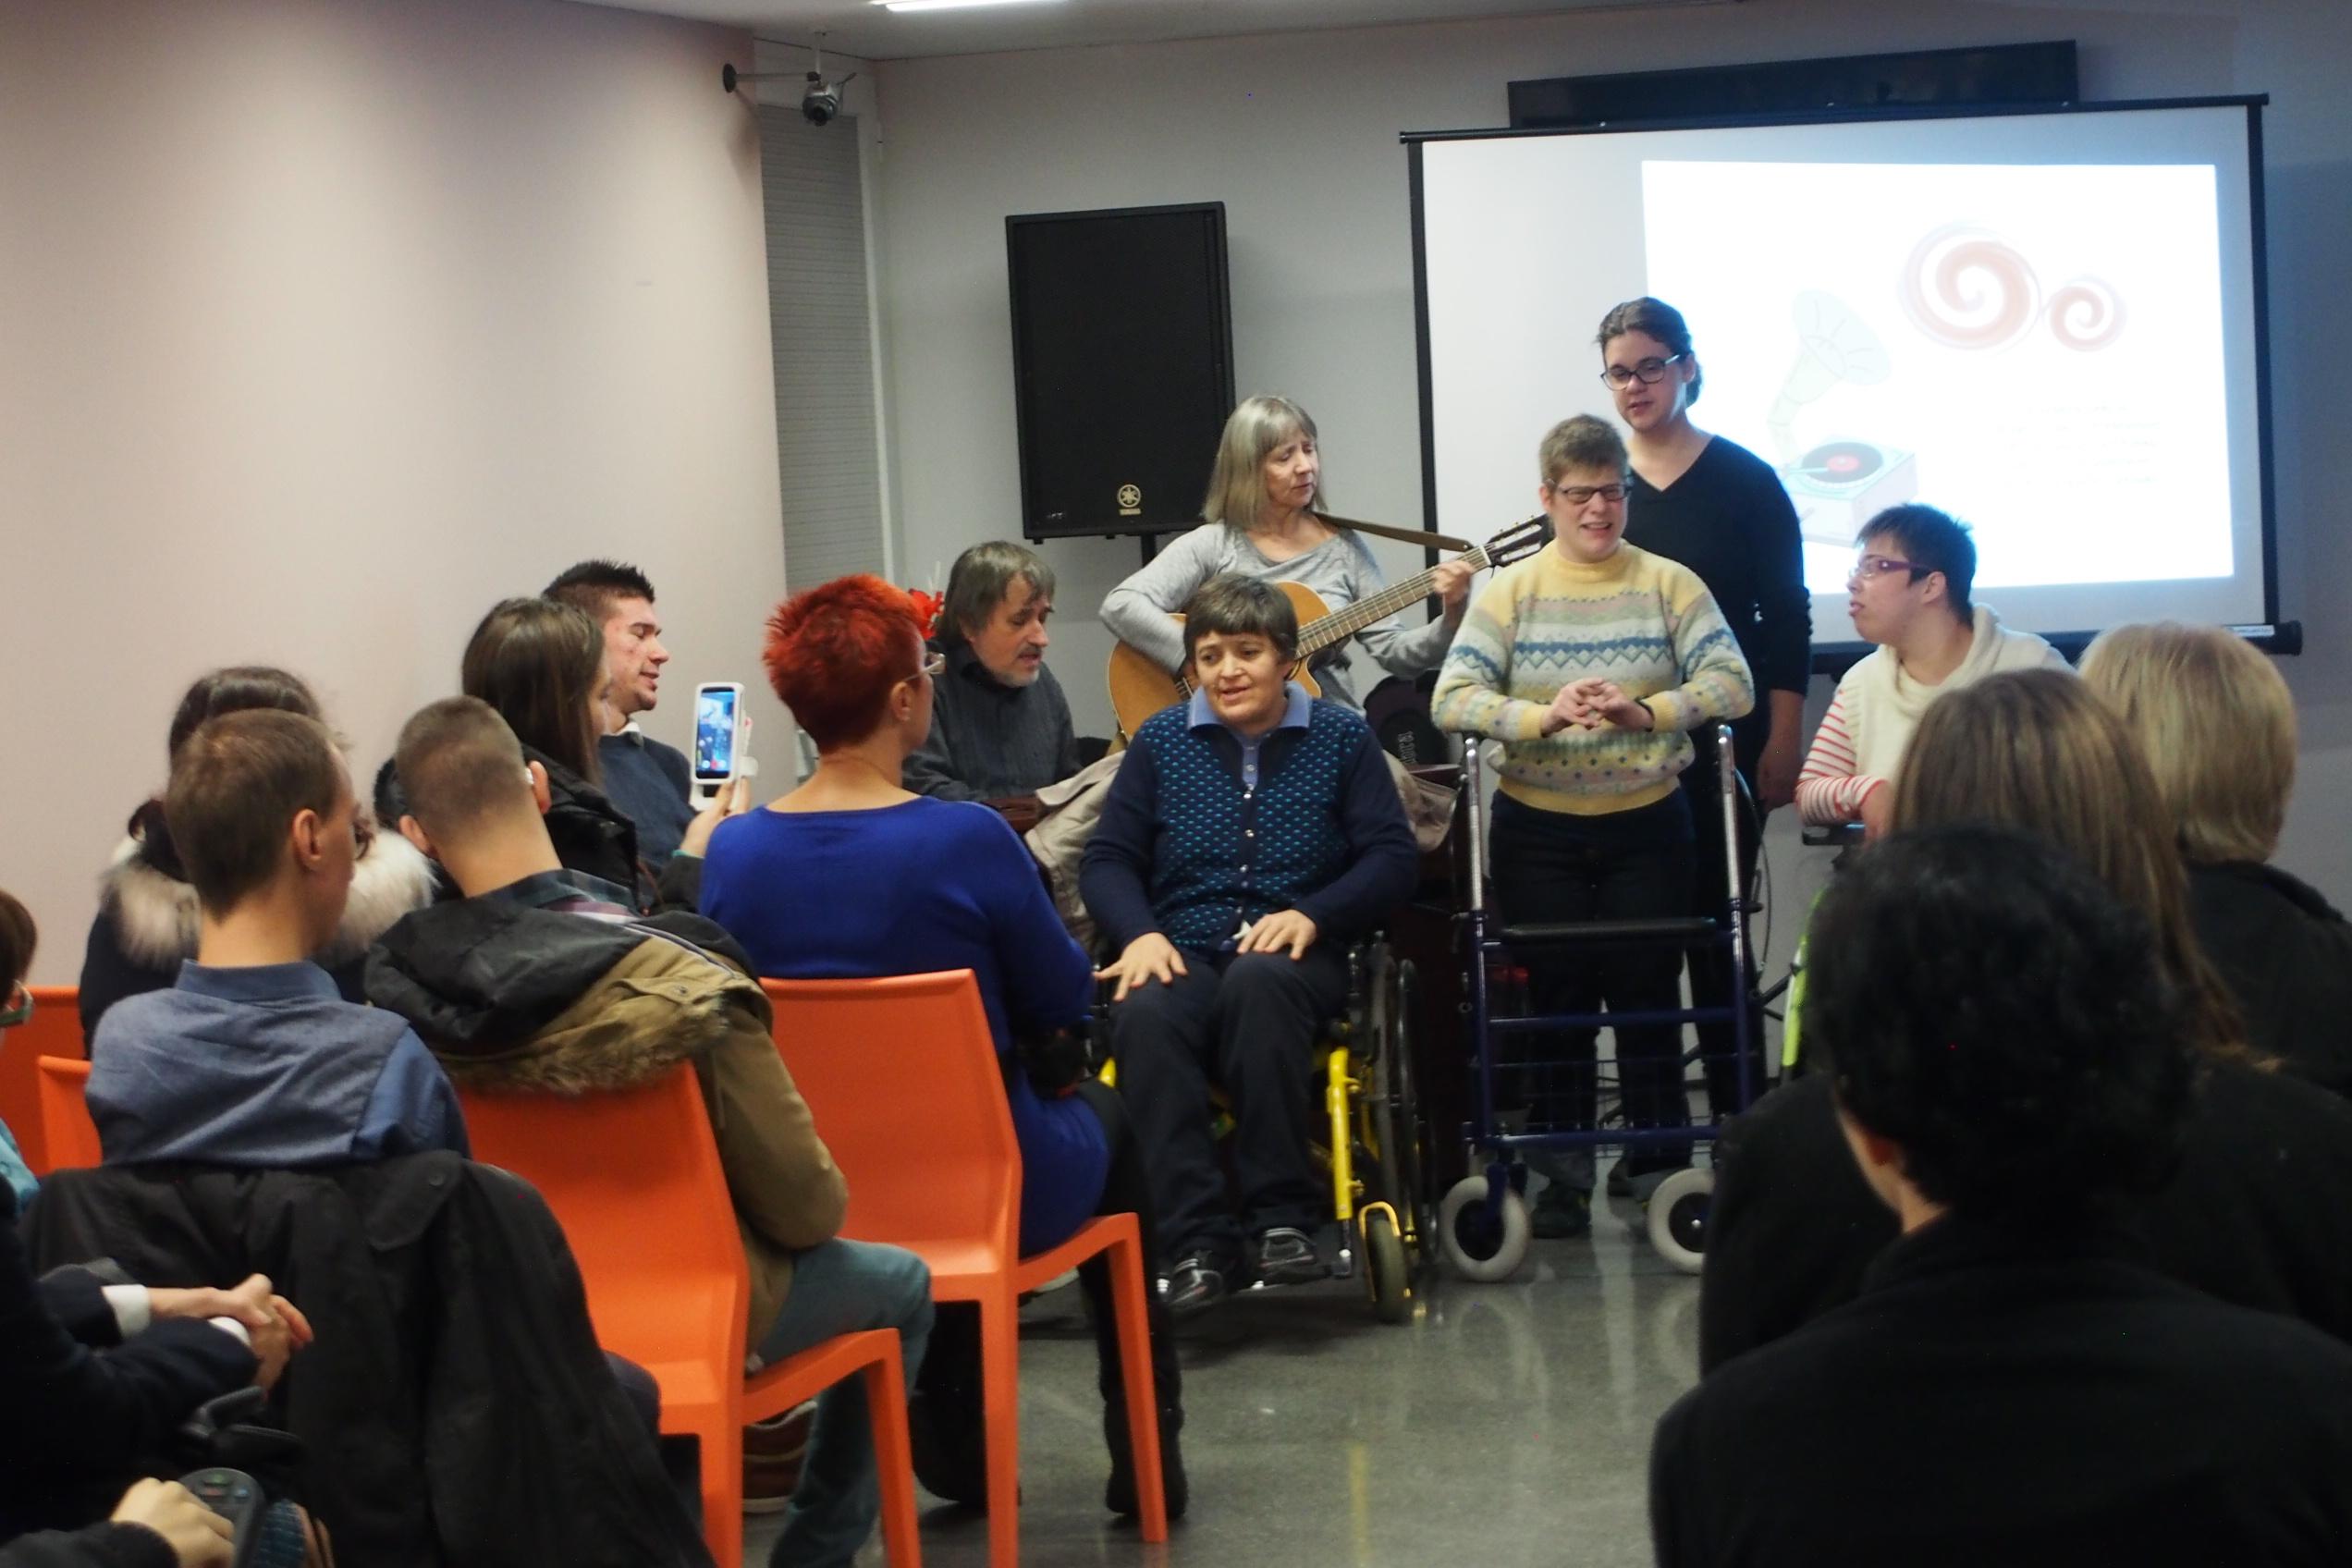 Besplatno mjesto za pronalazak invalida